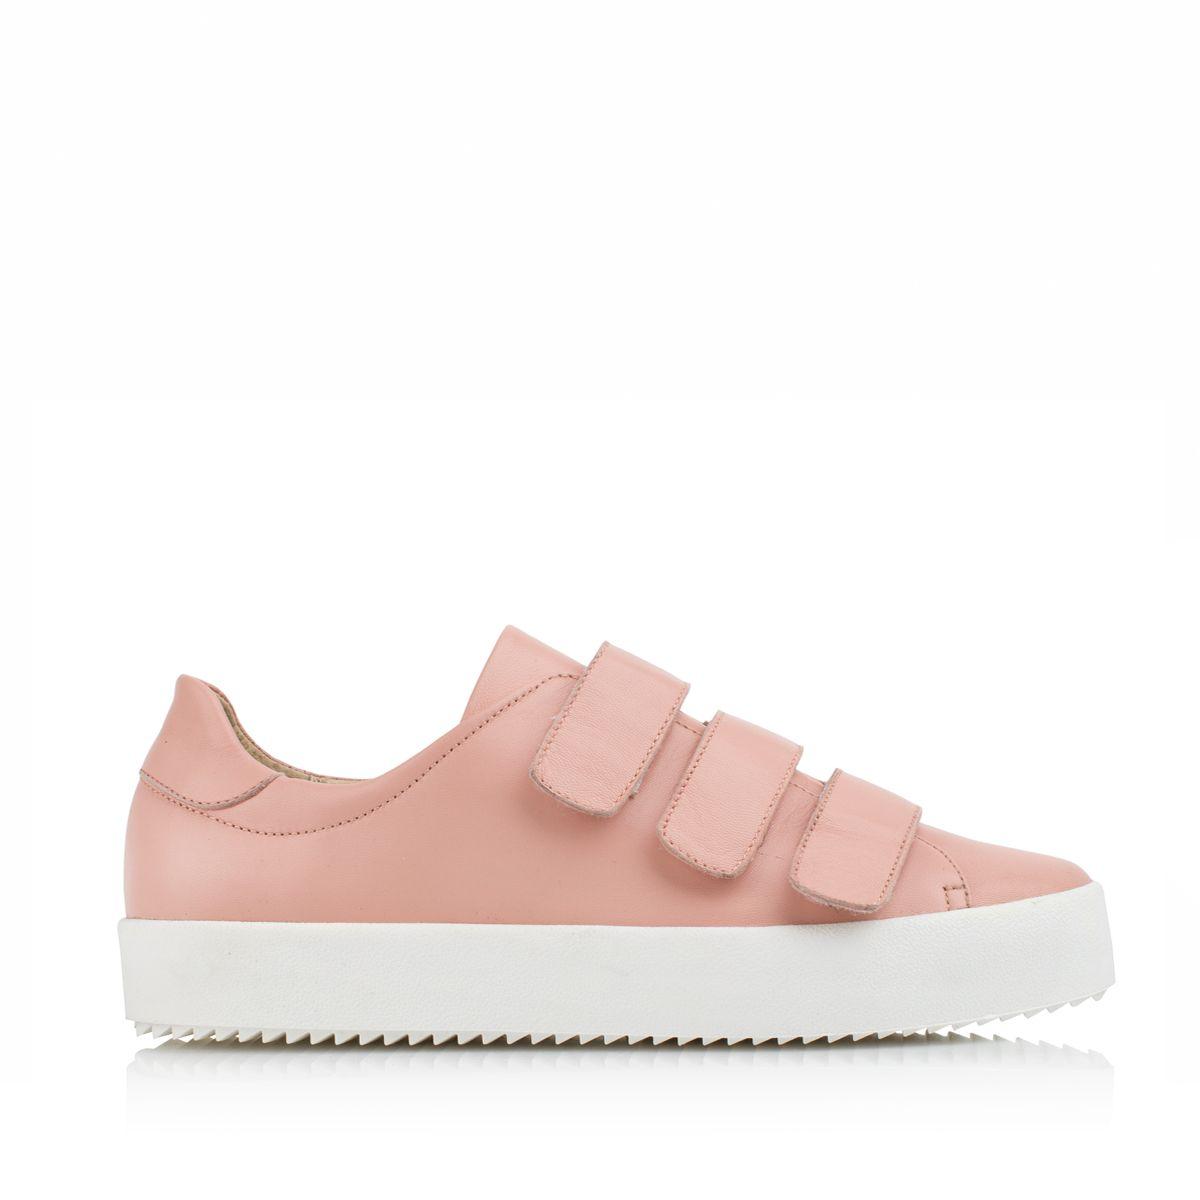 KACHOROVSKA / rose leather sneakers